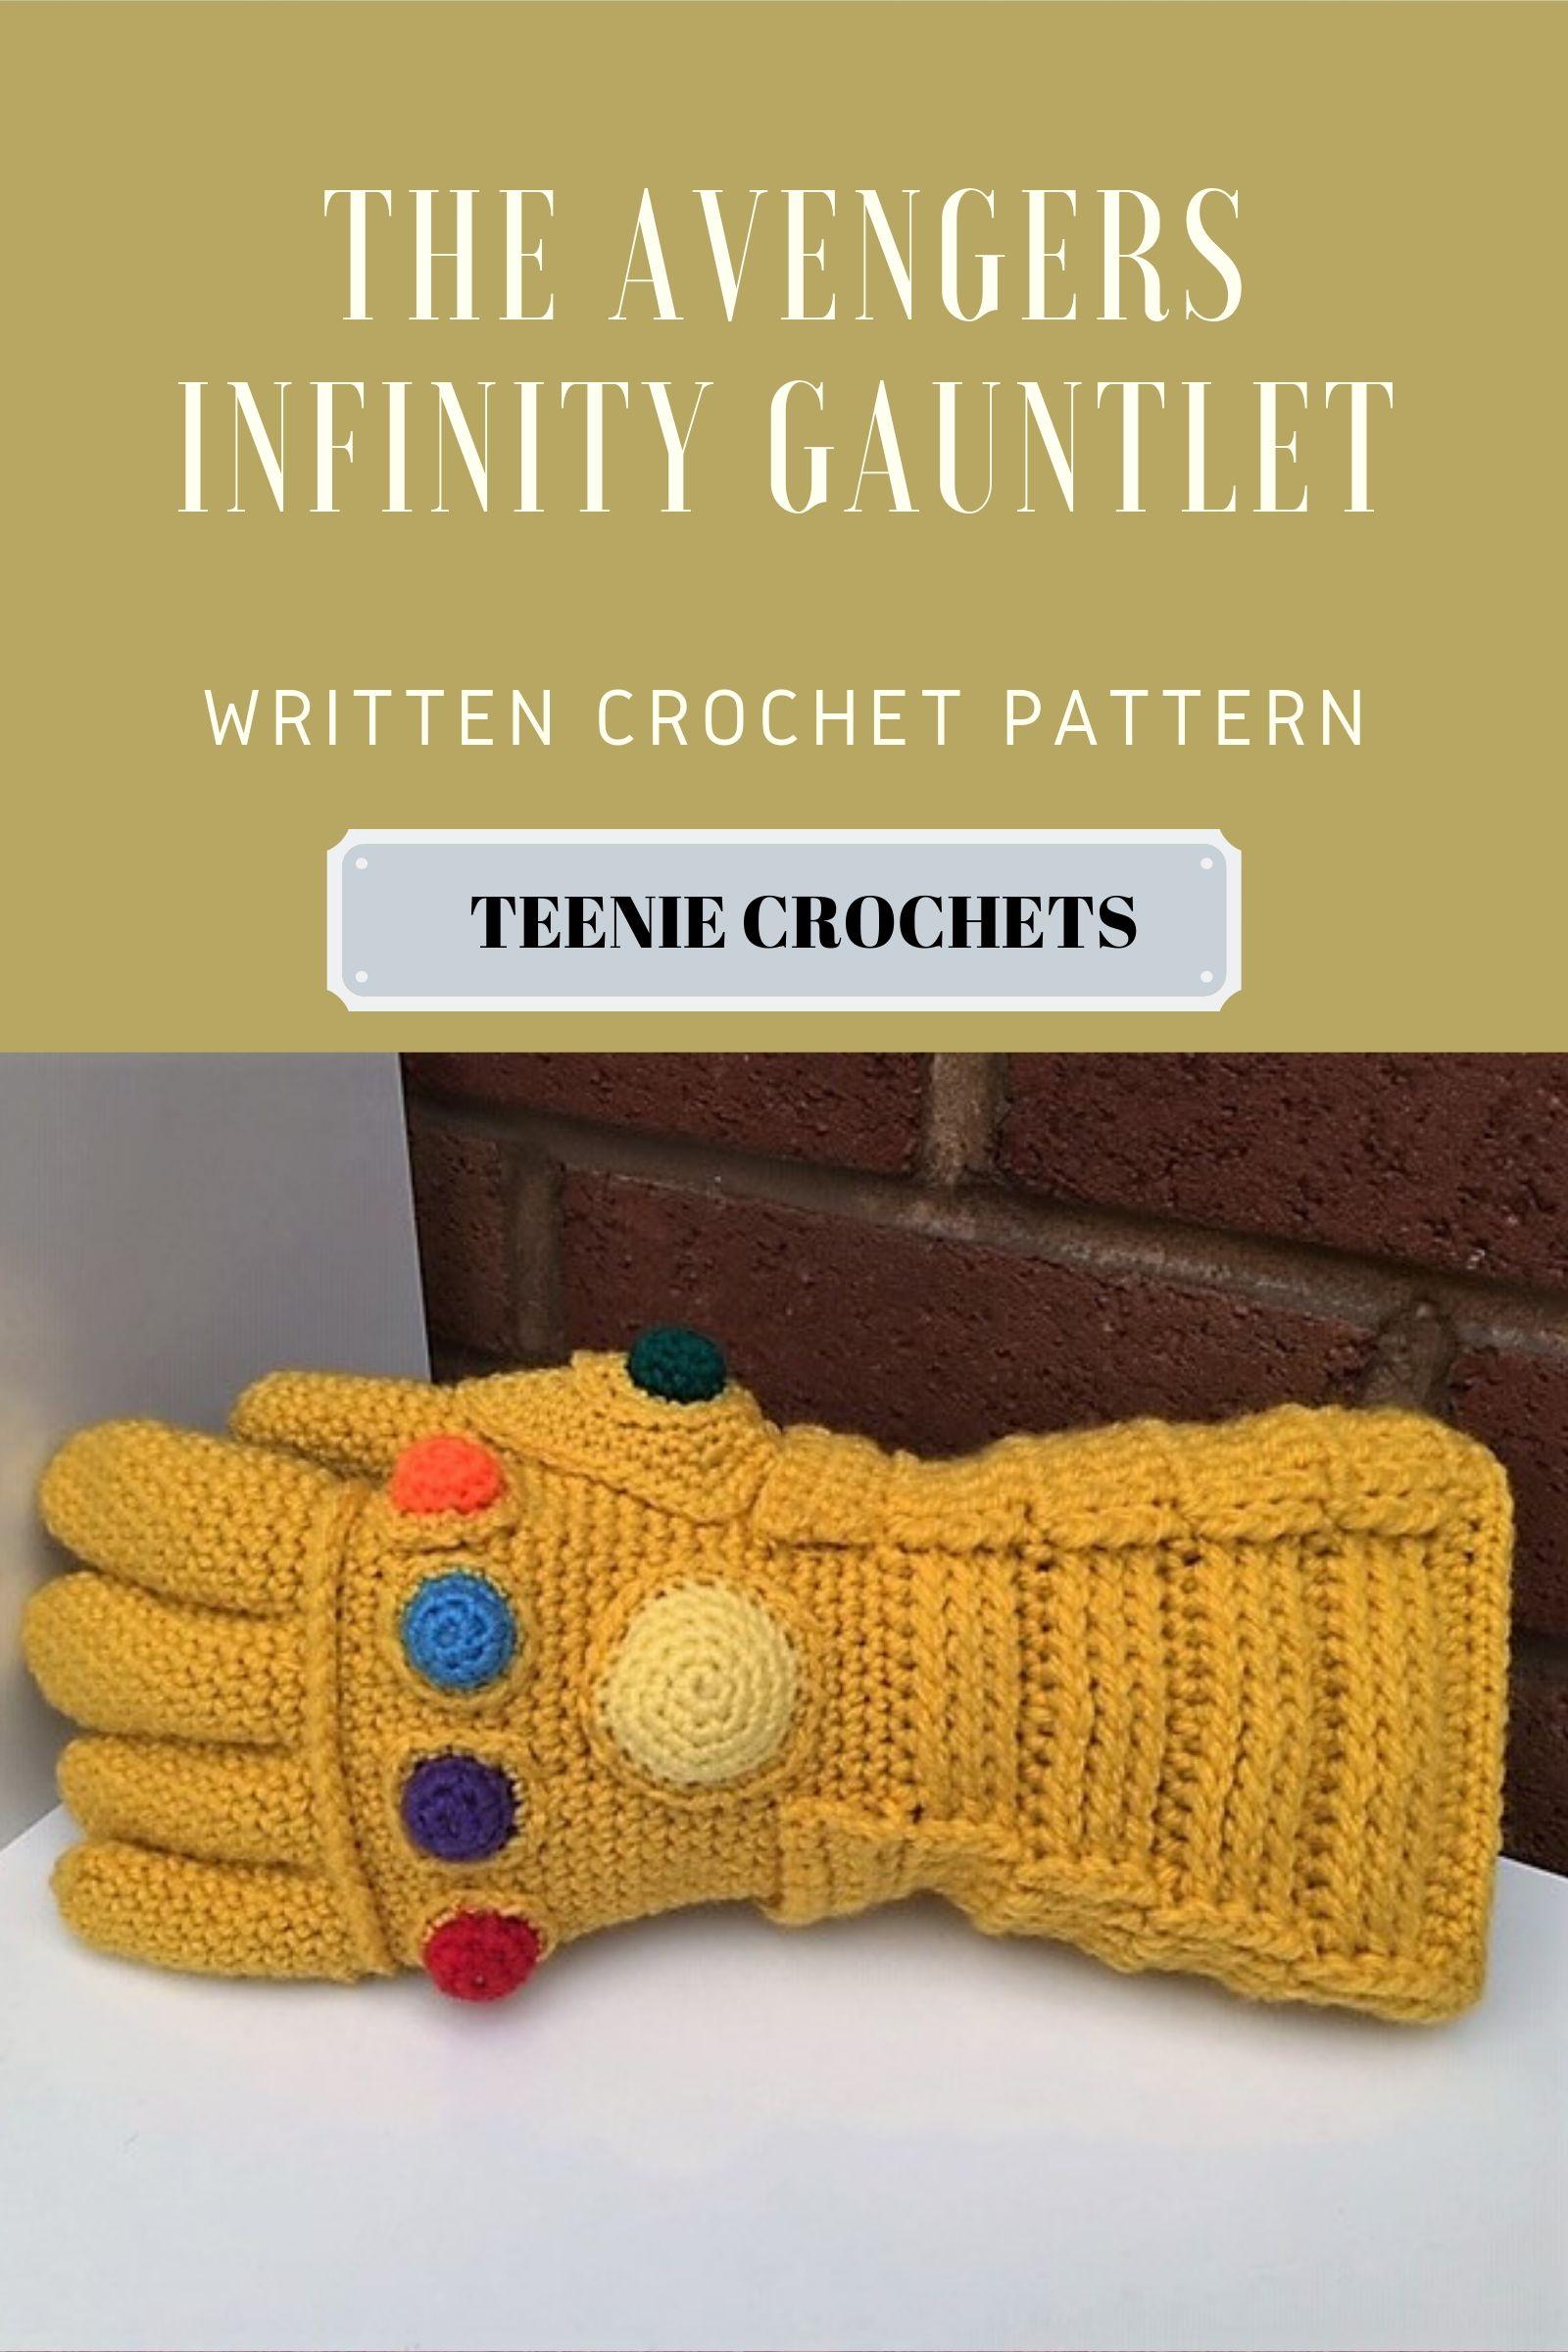 The Avengers Infinity Gauntlet Crochet Pattern, an Ebook by Teenie Crochets